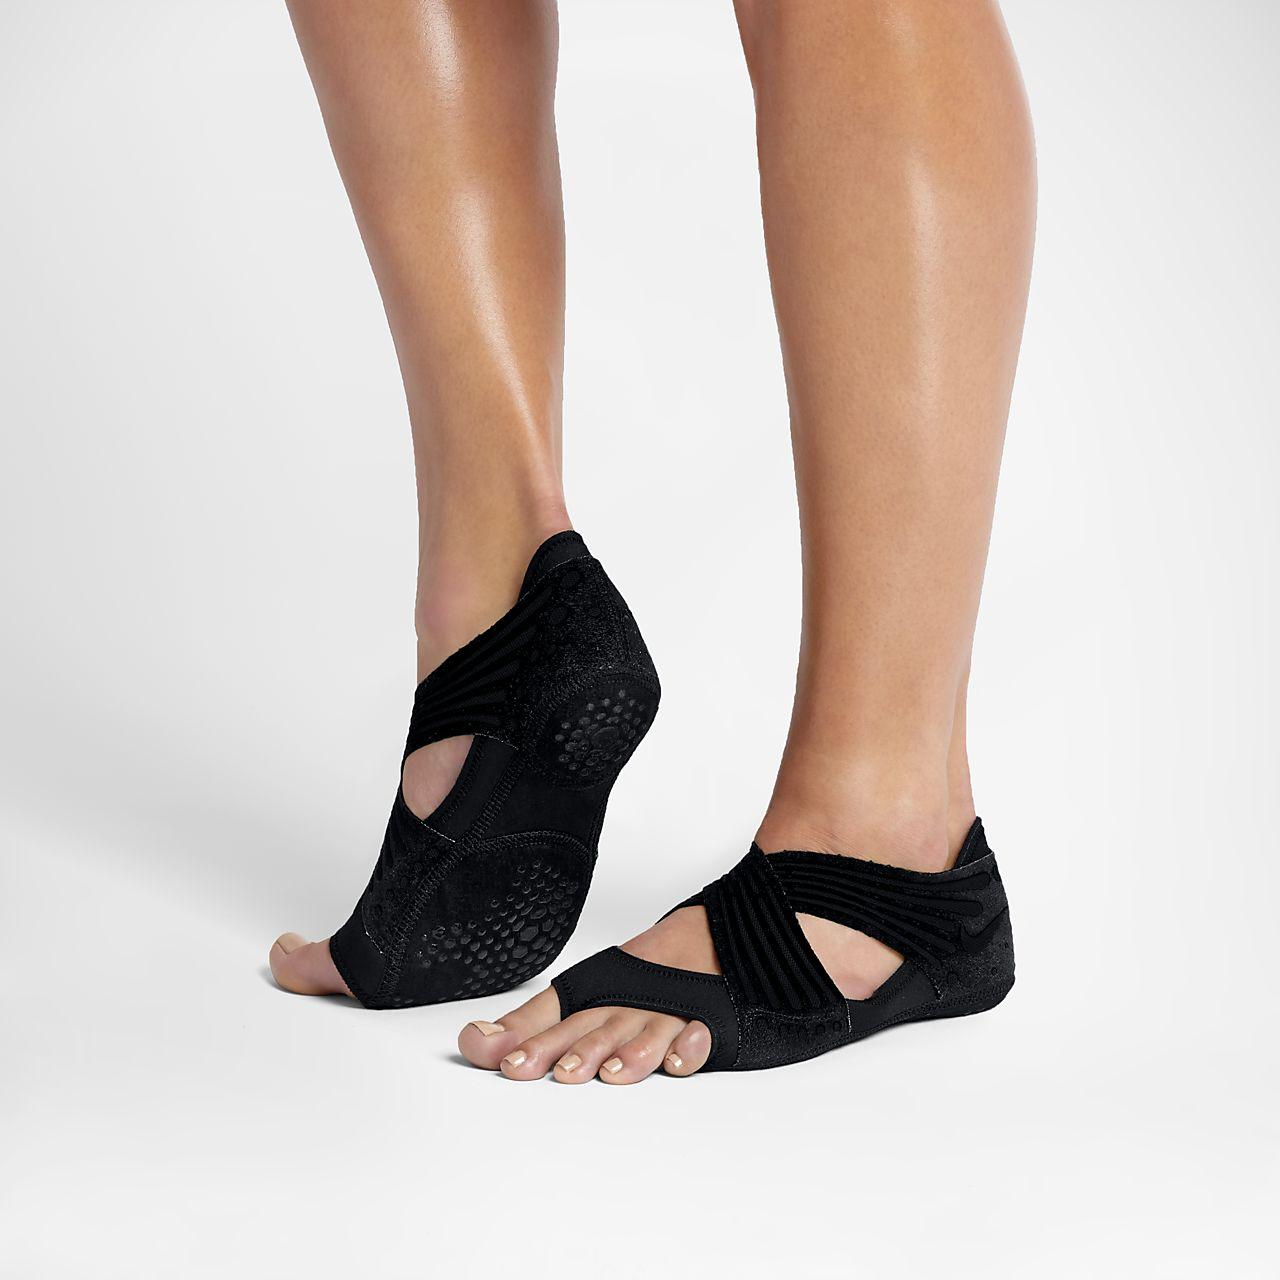 Nike Dance Wrap Shoes Www Pixshark Com Images